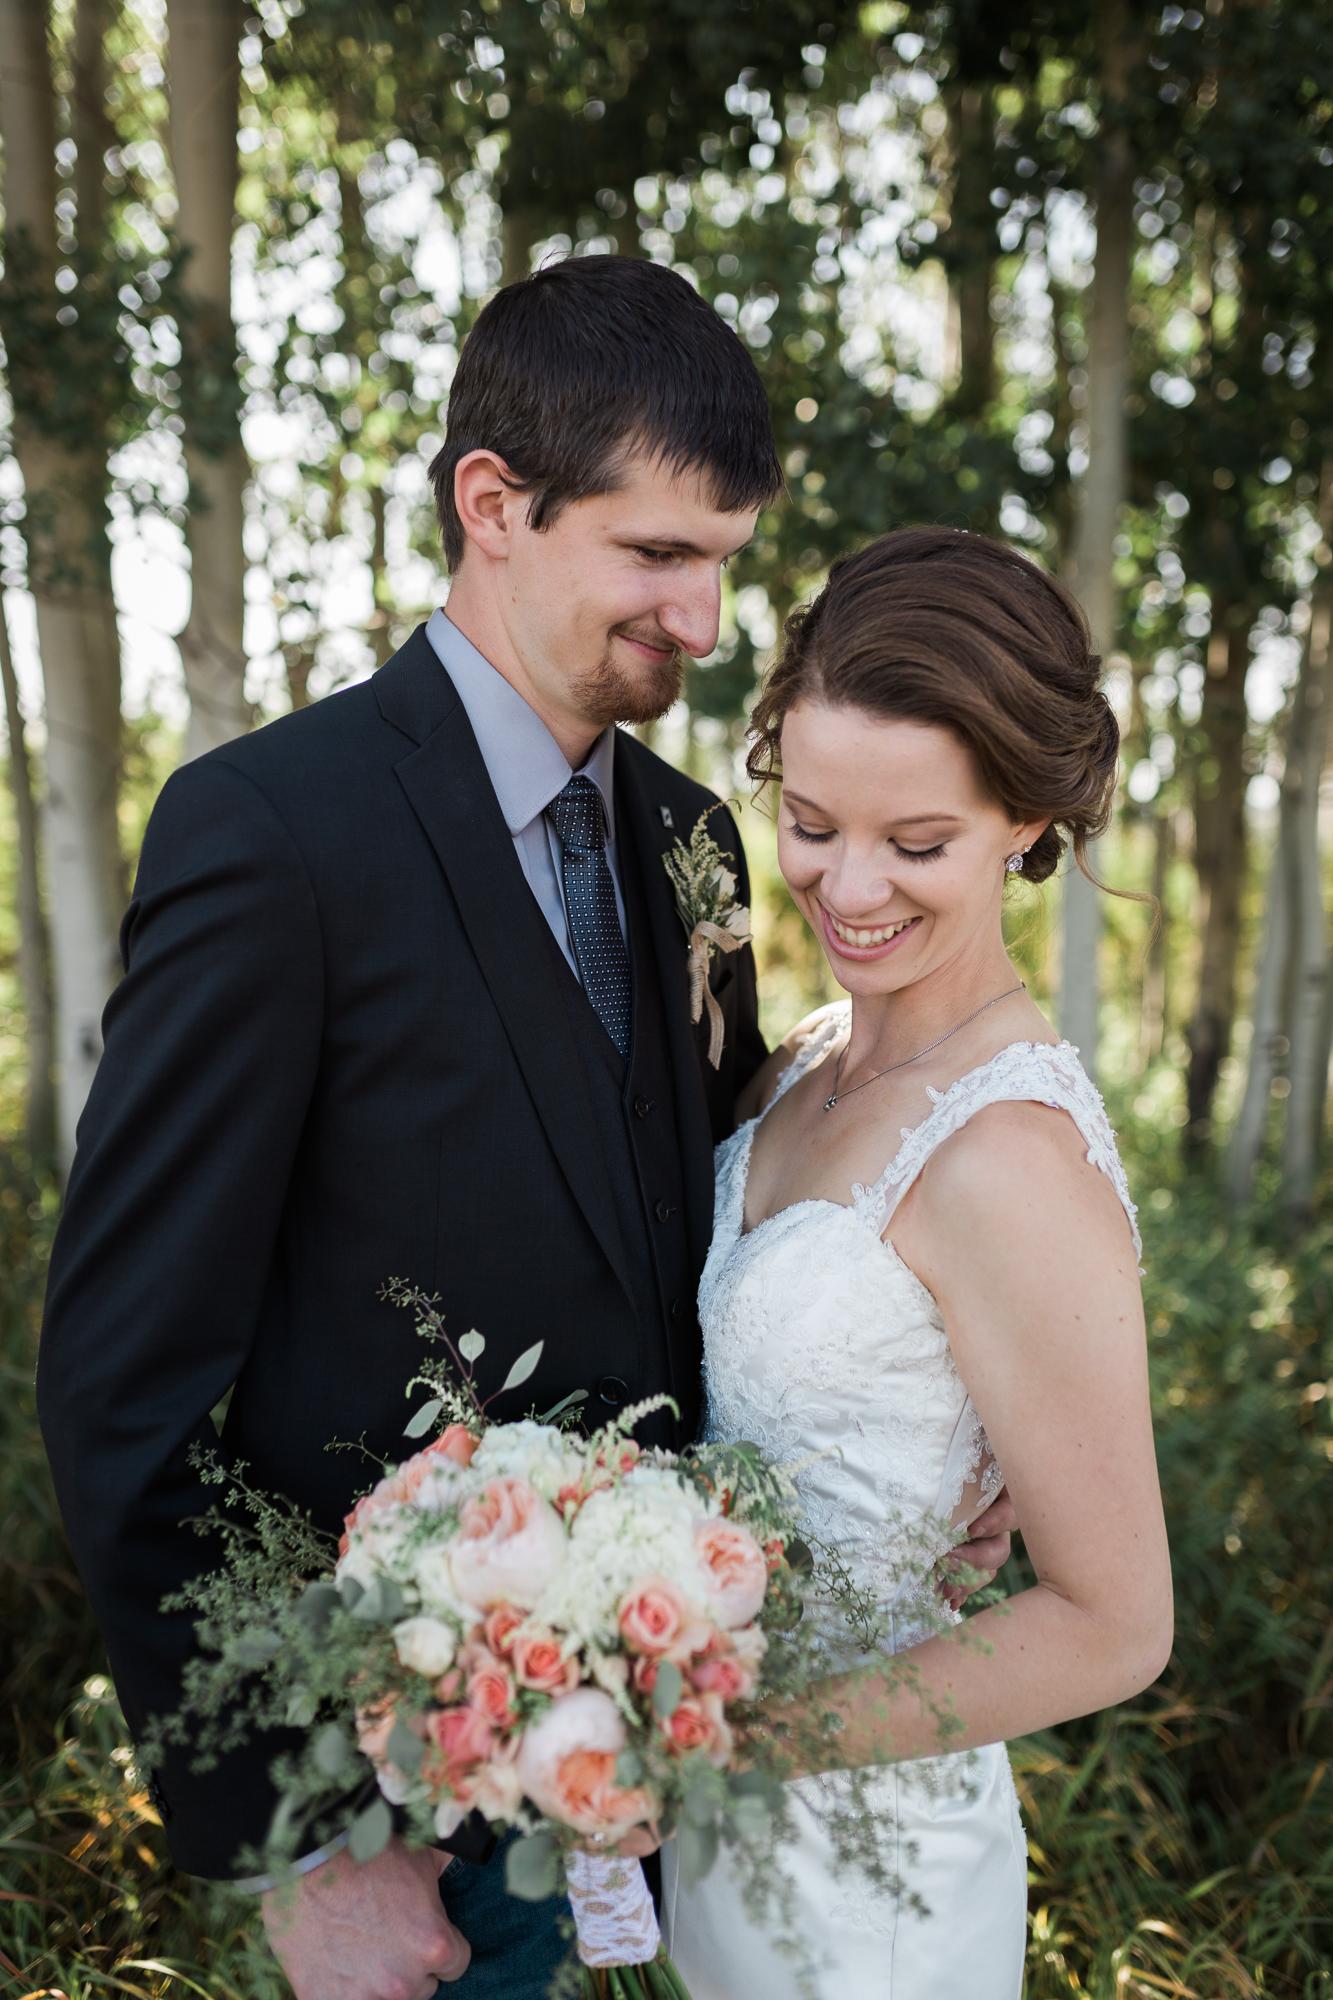 Deanna-Rachel-Photography-calgary-Wedding-photographer-jm-63.jpg